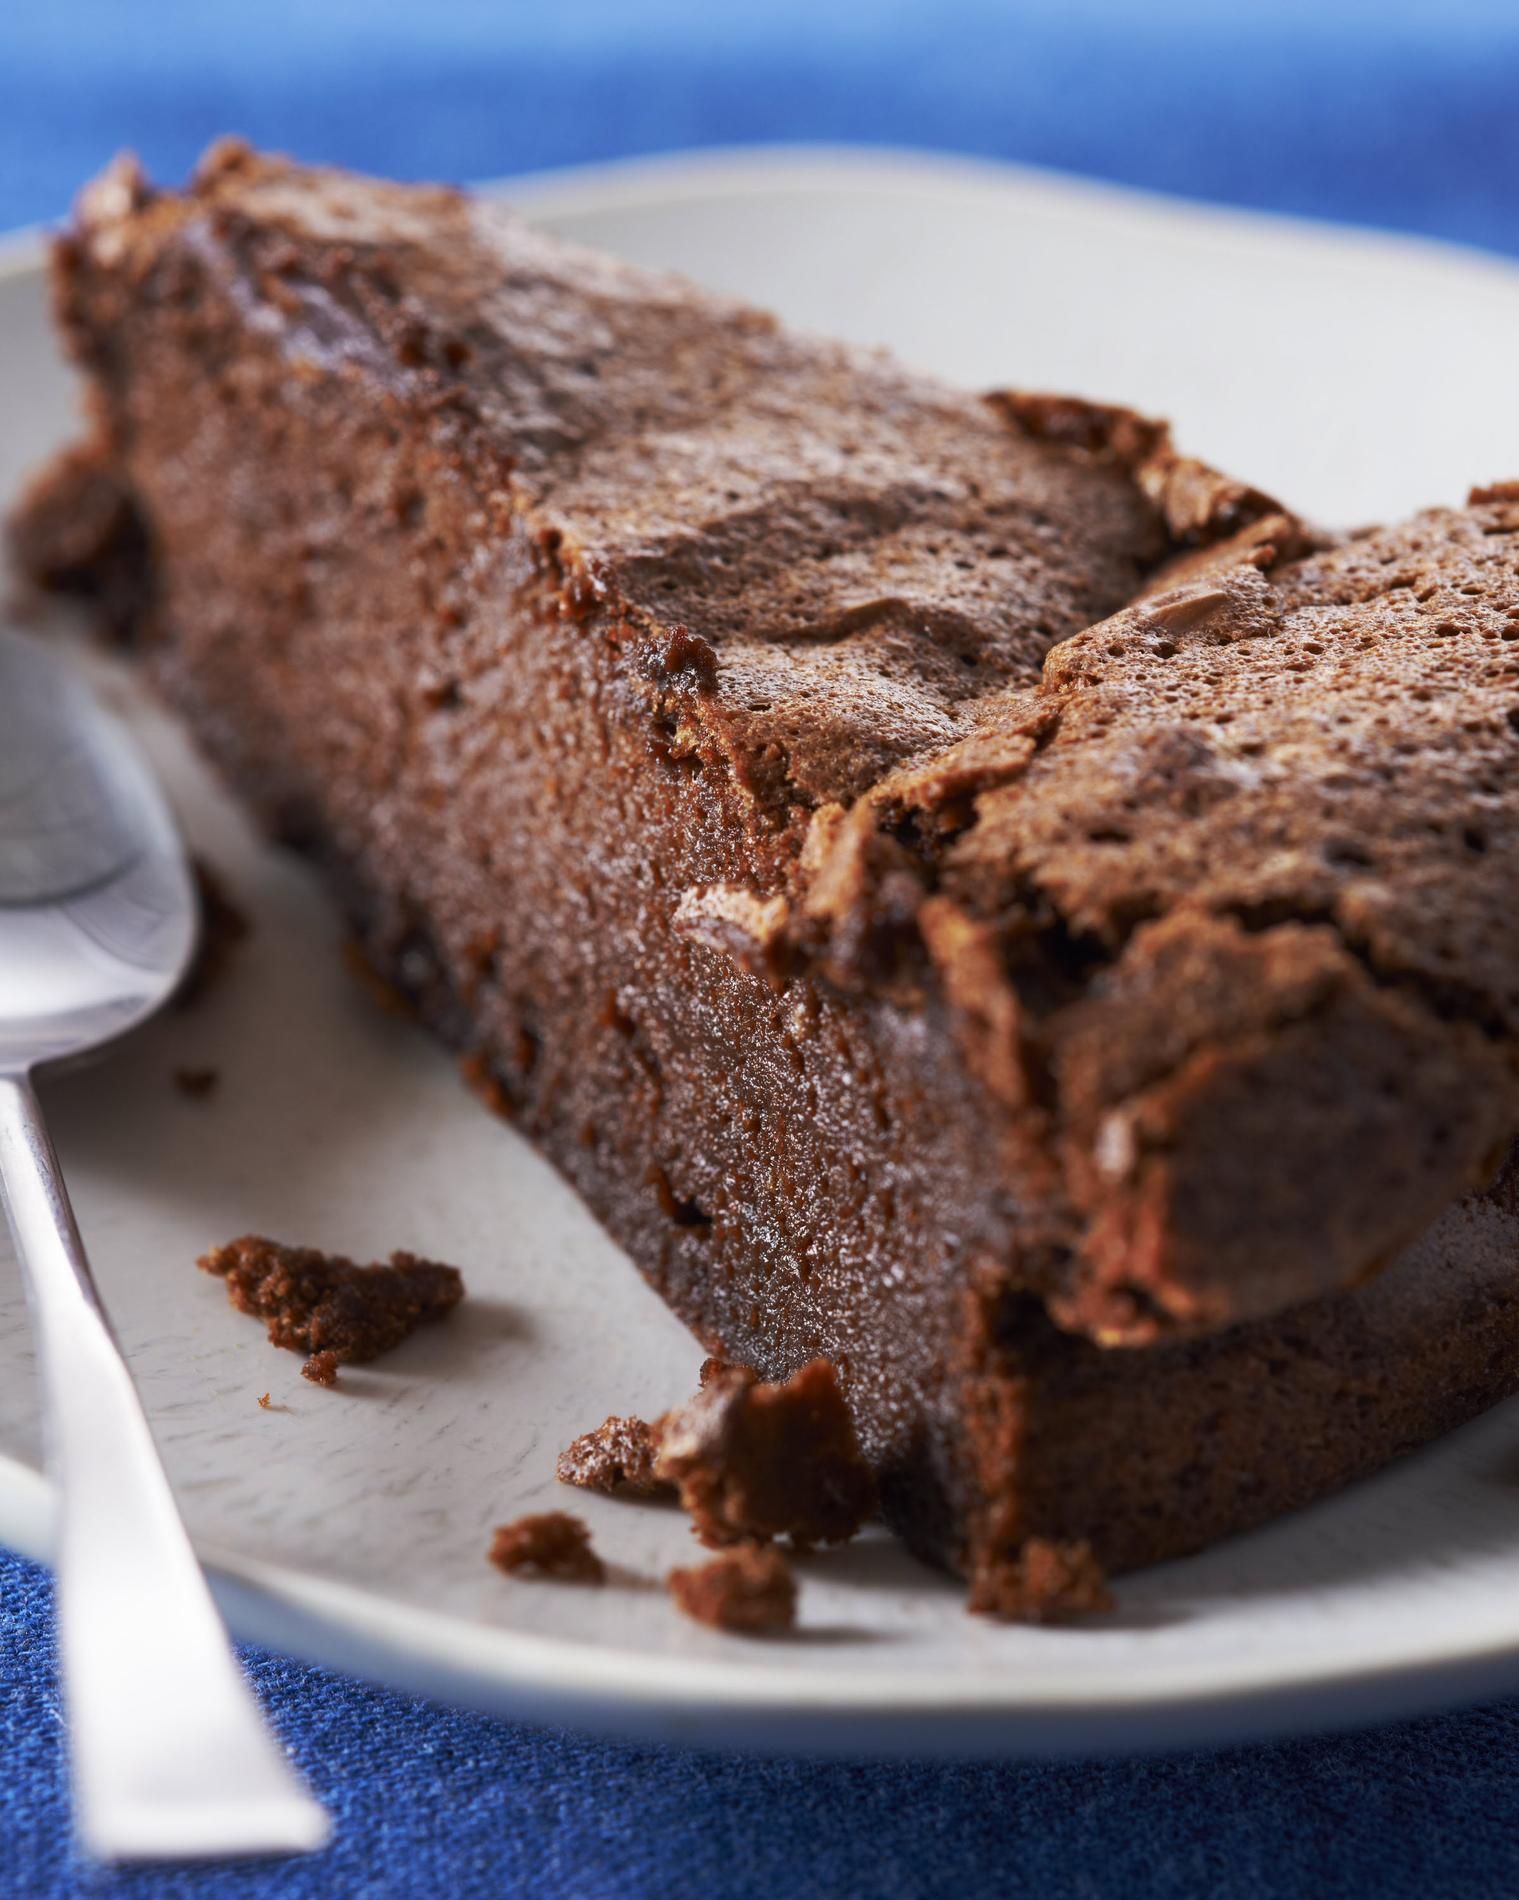 Recette fondant au chocolat sans gluten cuisine madame - Recettes cuisine sans gluten ...